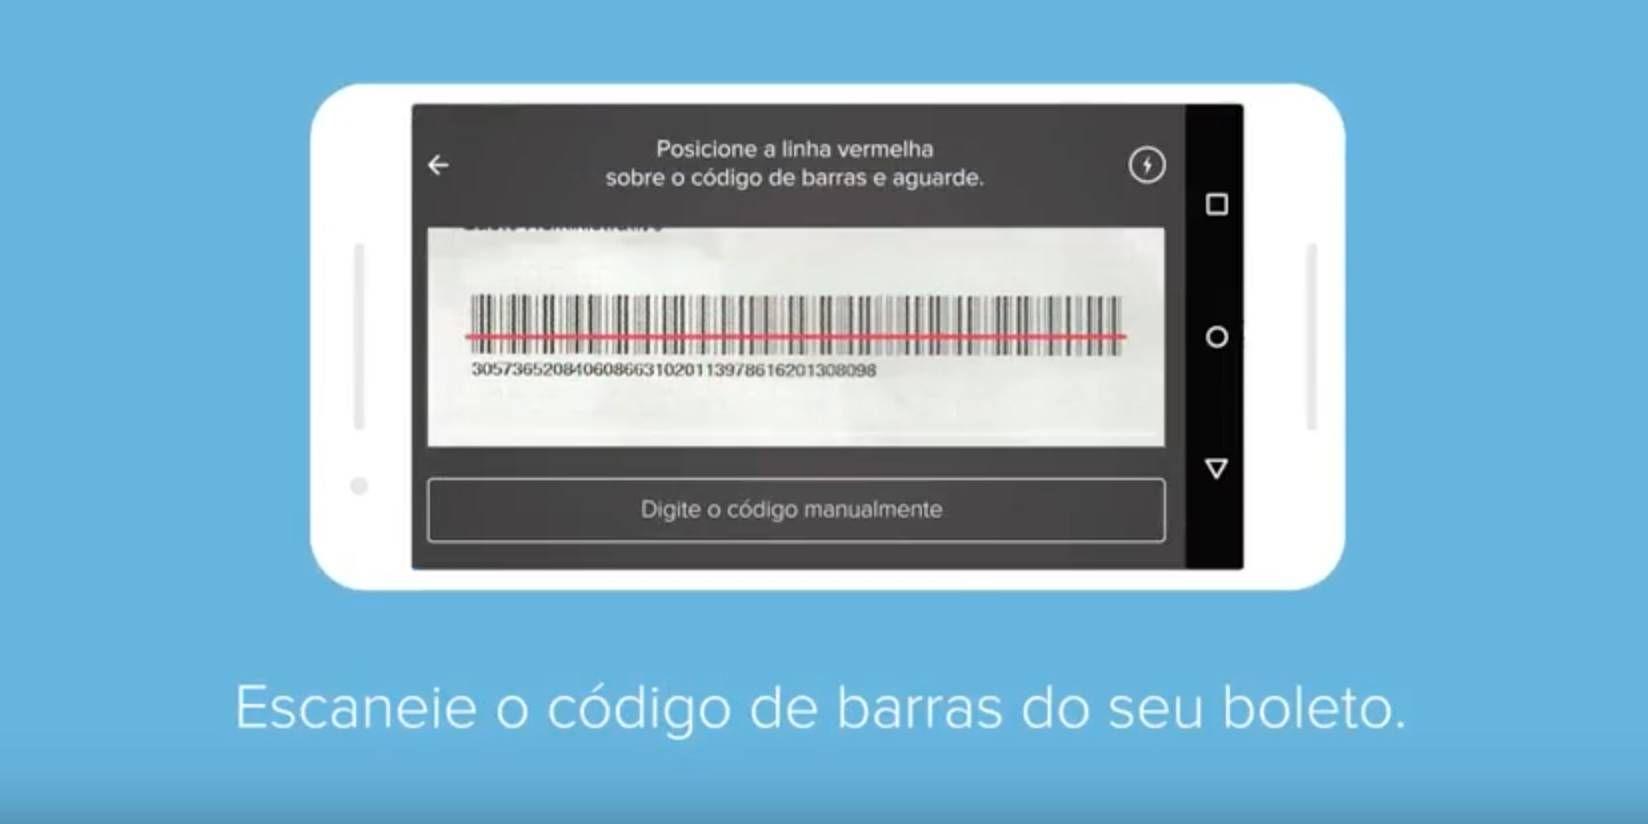 MercadoPago passa a limitar o valor máximo de boletos pagos no mês